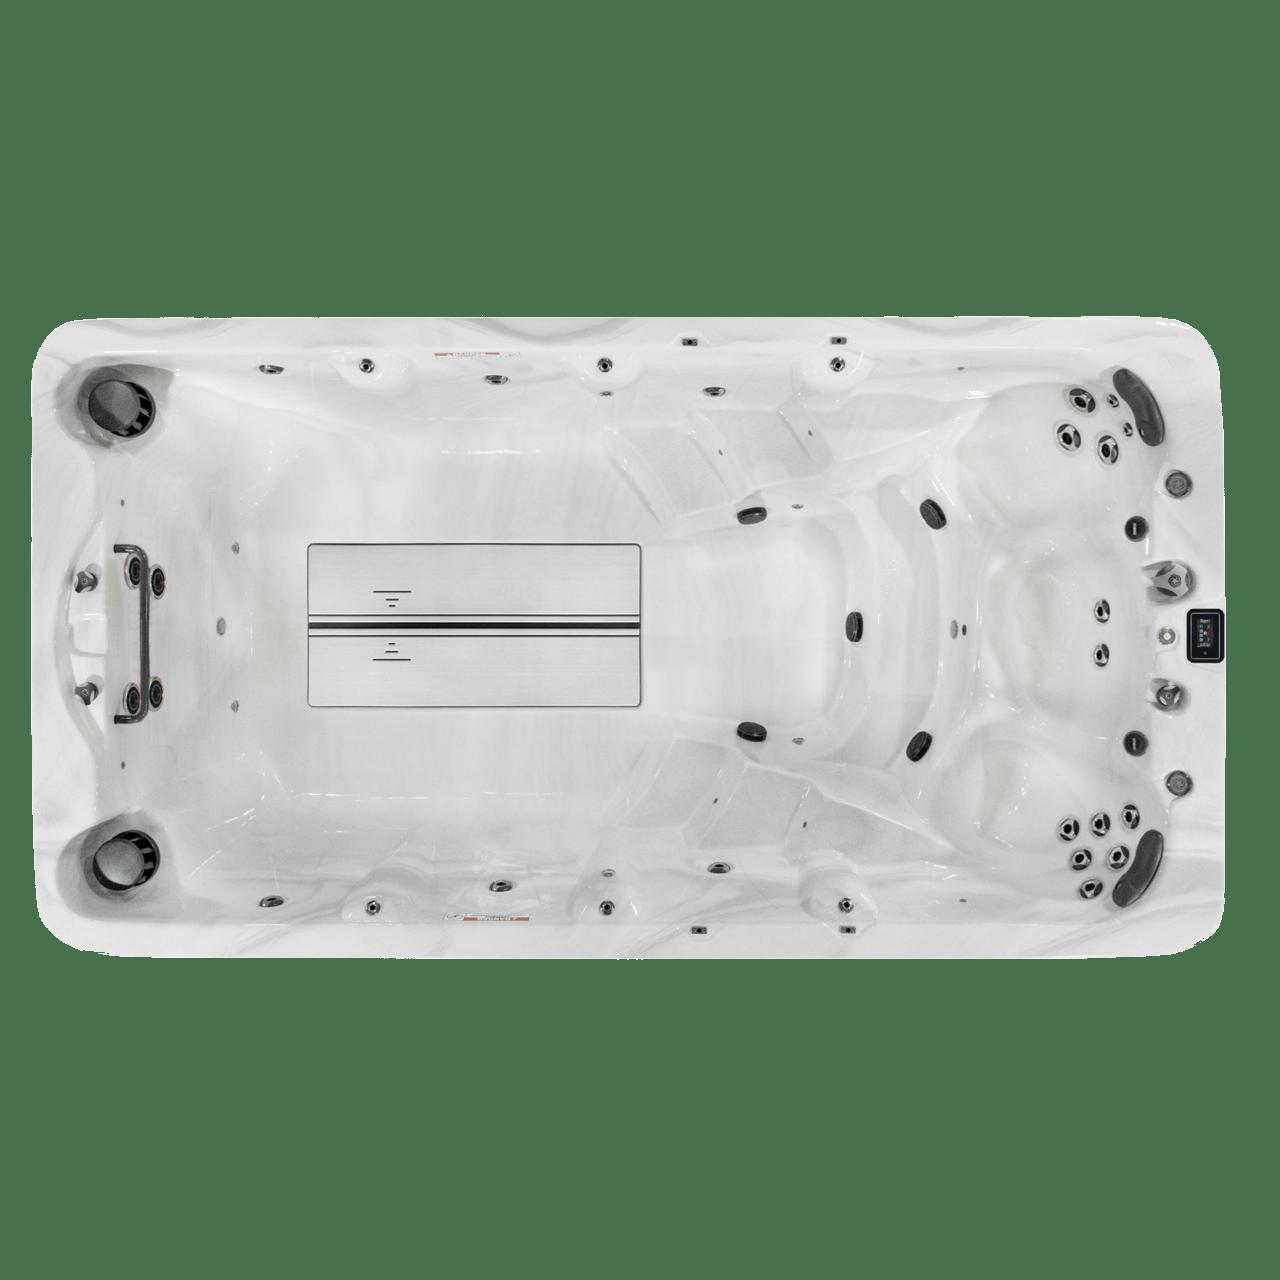 PowerPool RL4 Swim Spa & Hot Tub